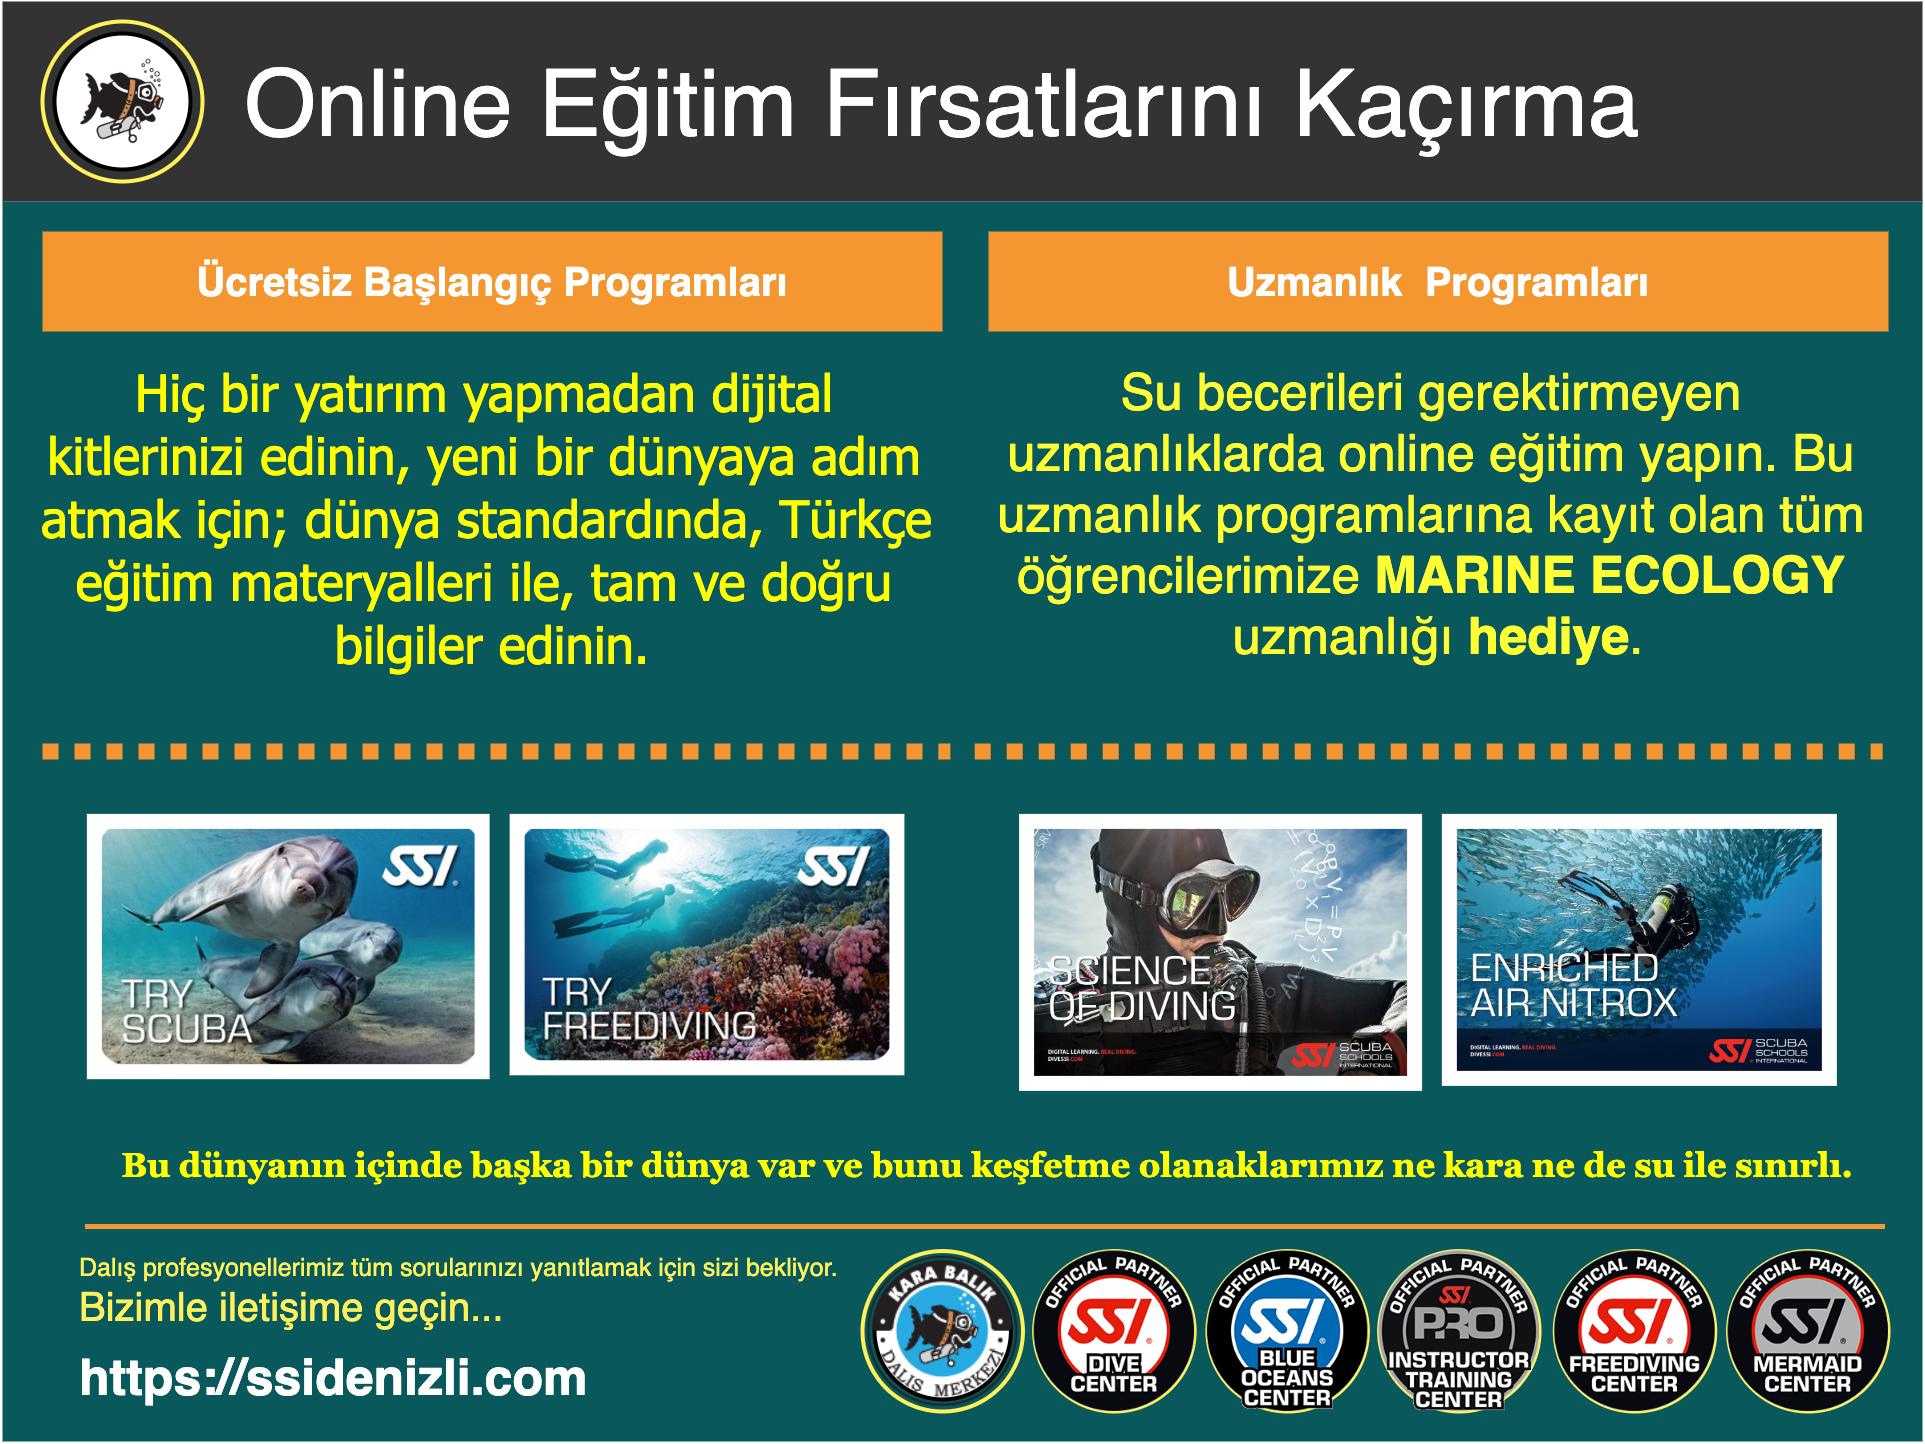 Online Eğitim Fırsatları